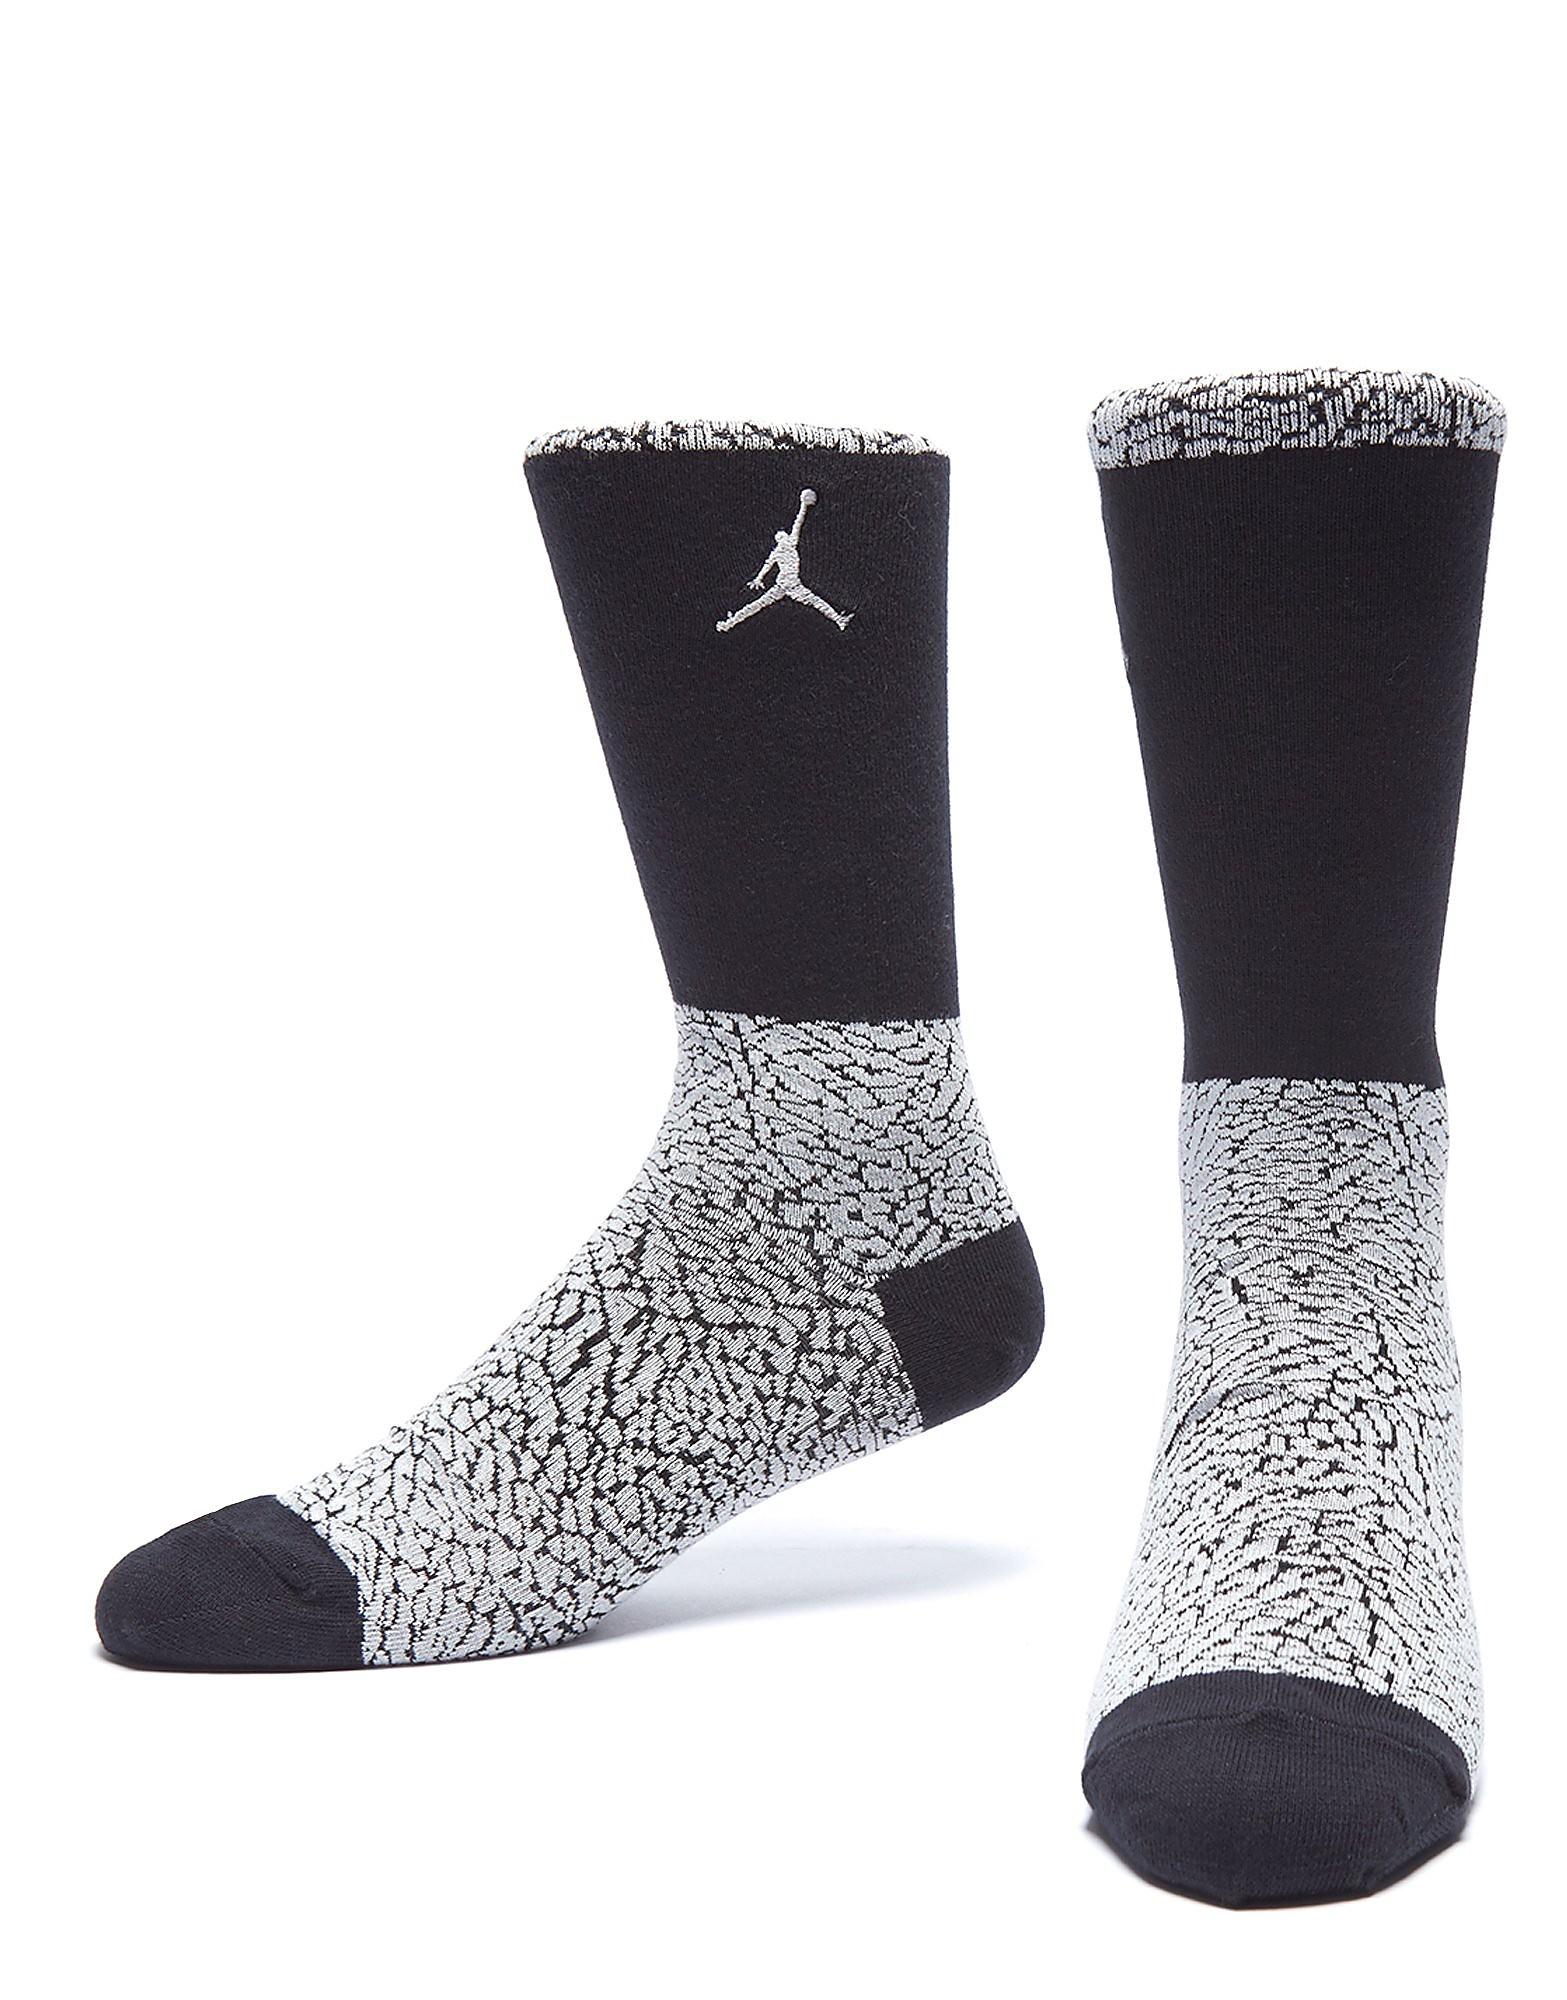 Jordan Jumpman Socks